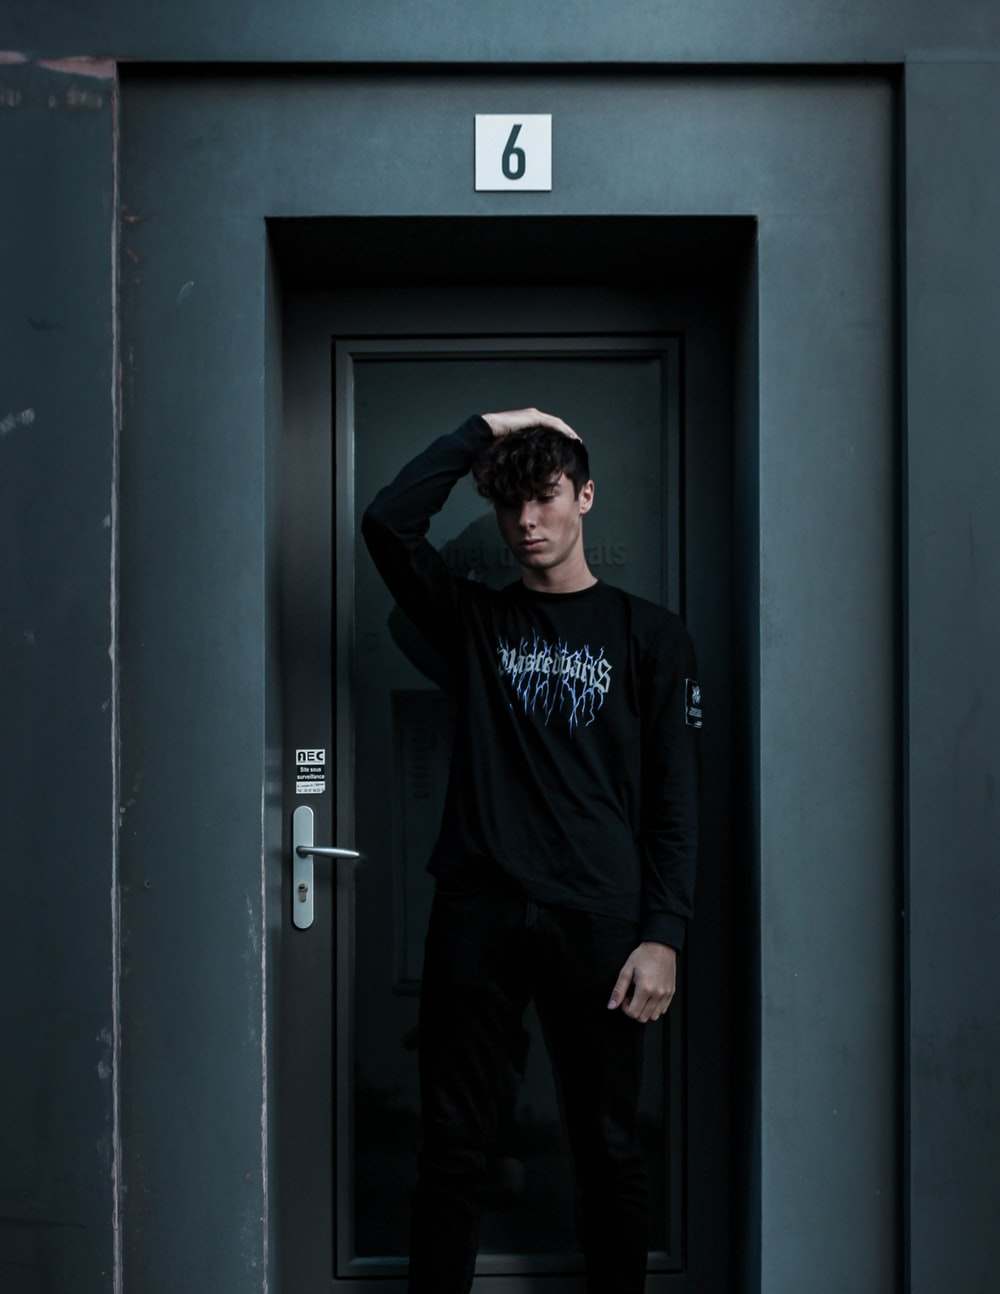 man standing near the door